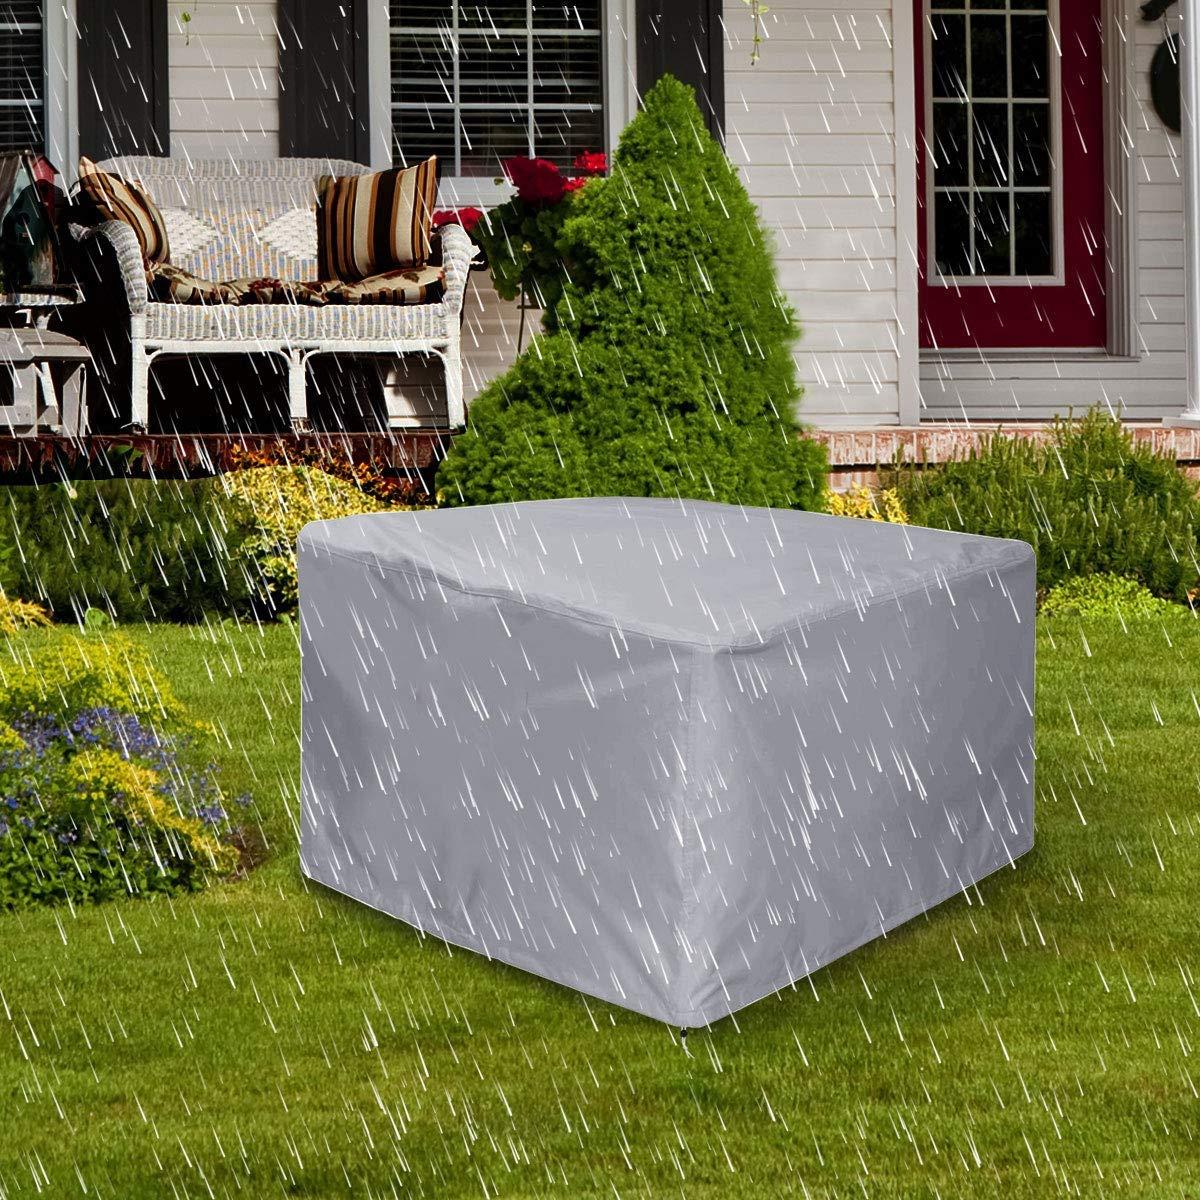 SUNDUXY Copertura Mobili Giardino Rettangolare Impermeabile Telo Protettivo per Tavolo Anti Vento Sole Neve Tessuto 210D Oxford Copertura per Tavolo da Esterno,Marrone,115x115x70cm